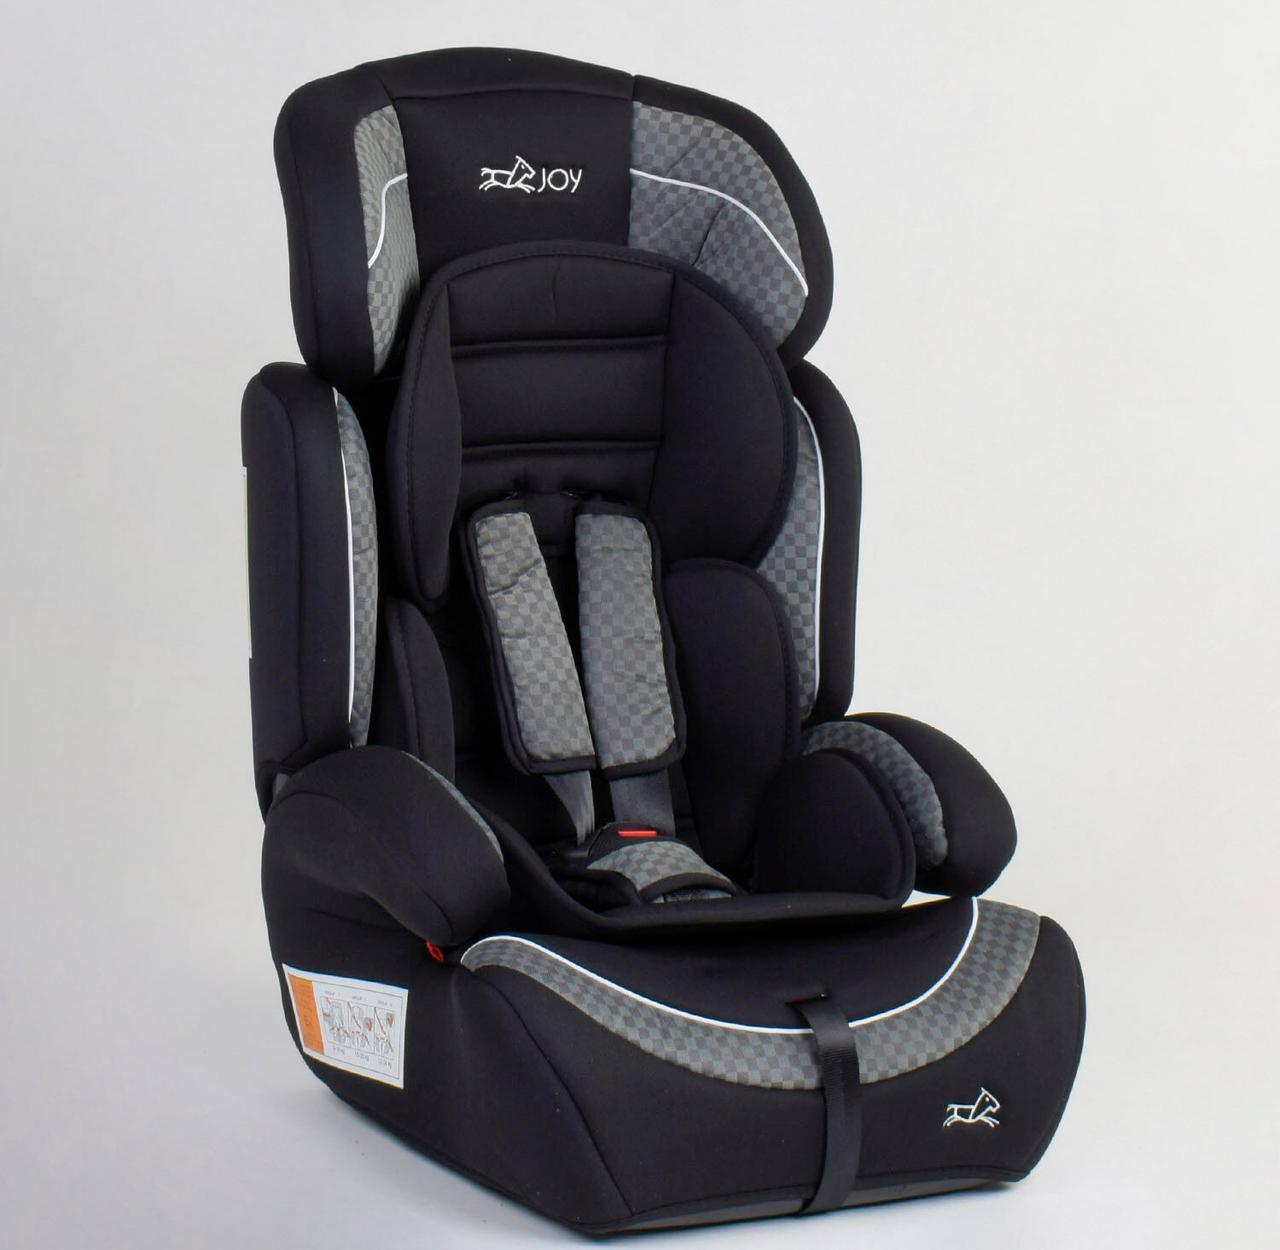 Детское автокресло JOY 49779 универсальное, группа 1/2/3, вес ребенка от 9-36 кг